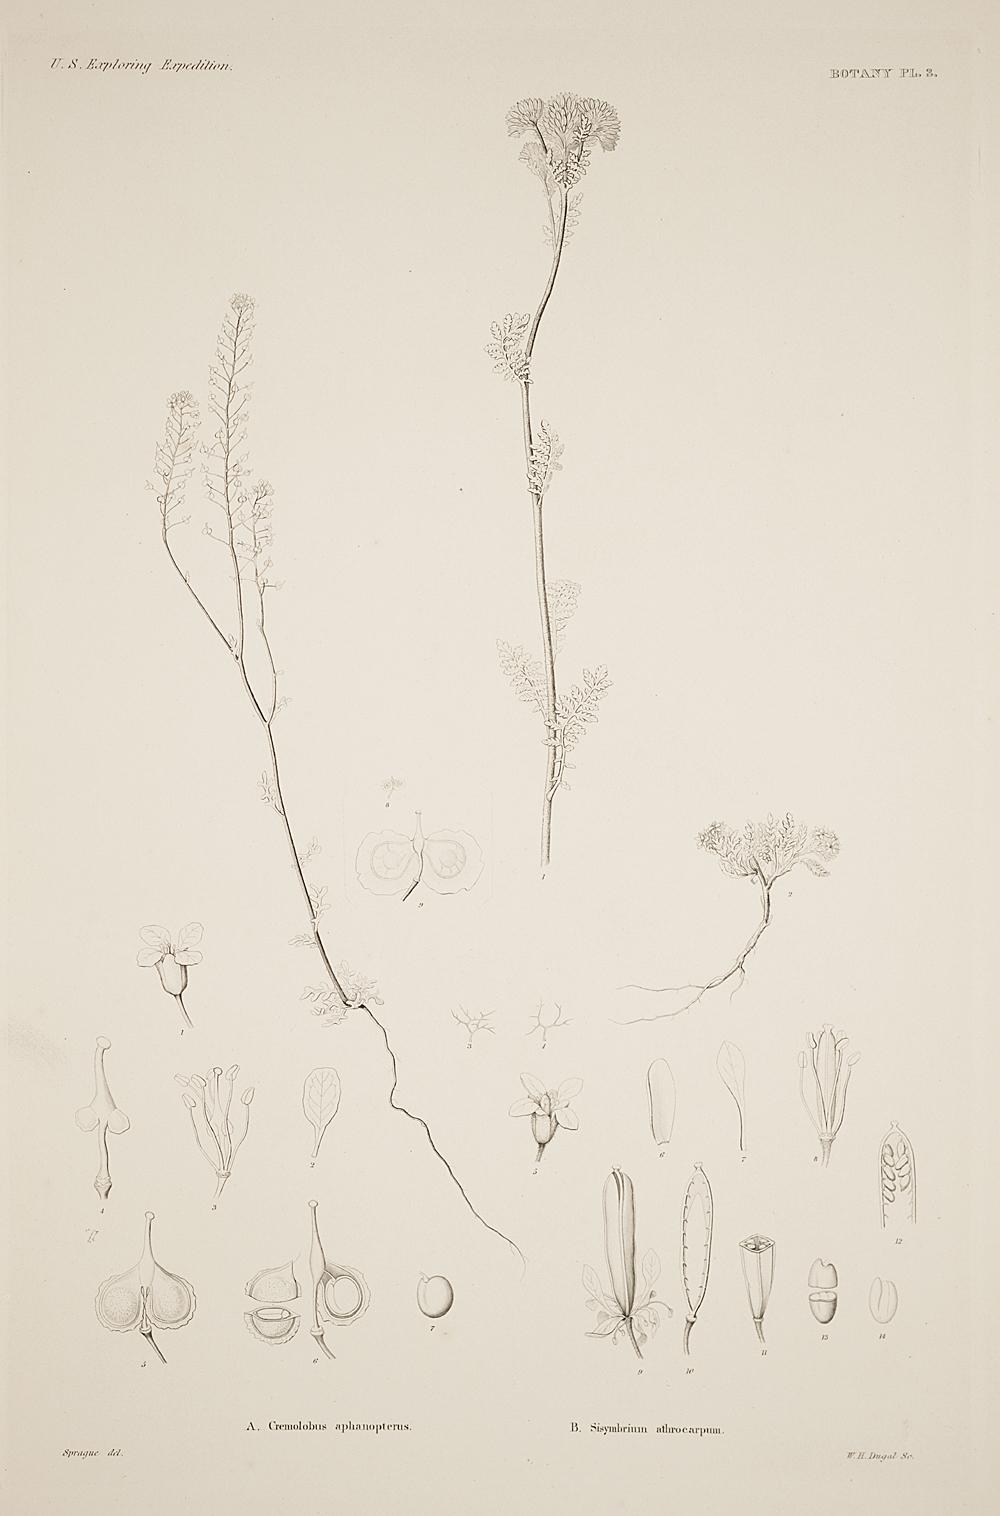 Botany, Pl. 3,  Image number:sil19-23-017b